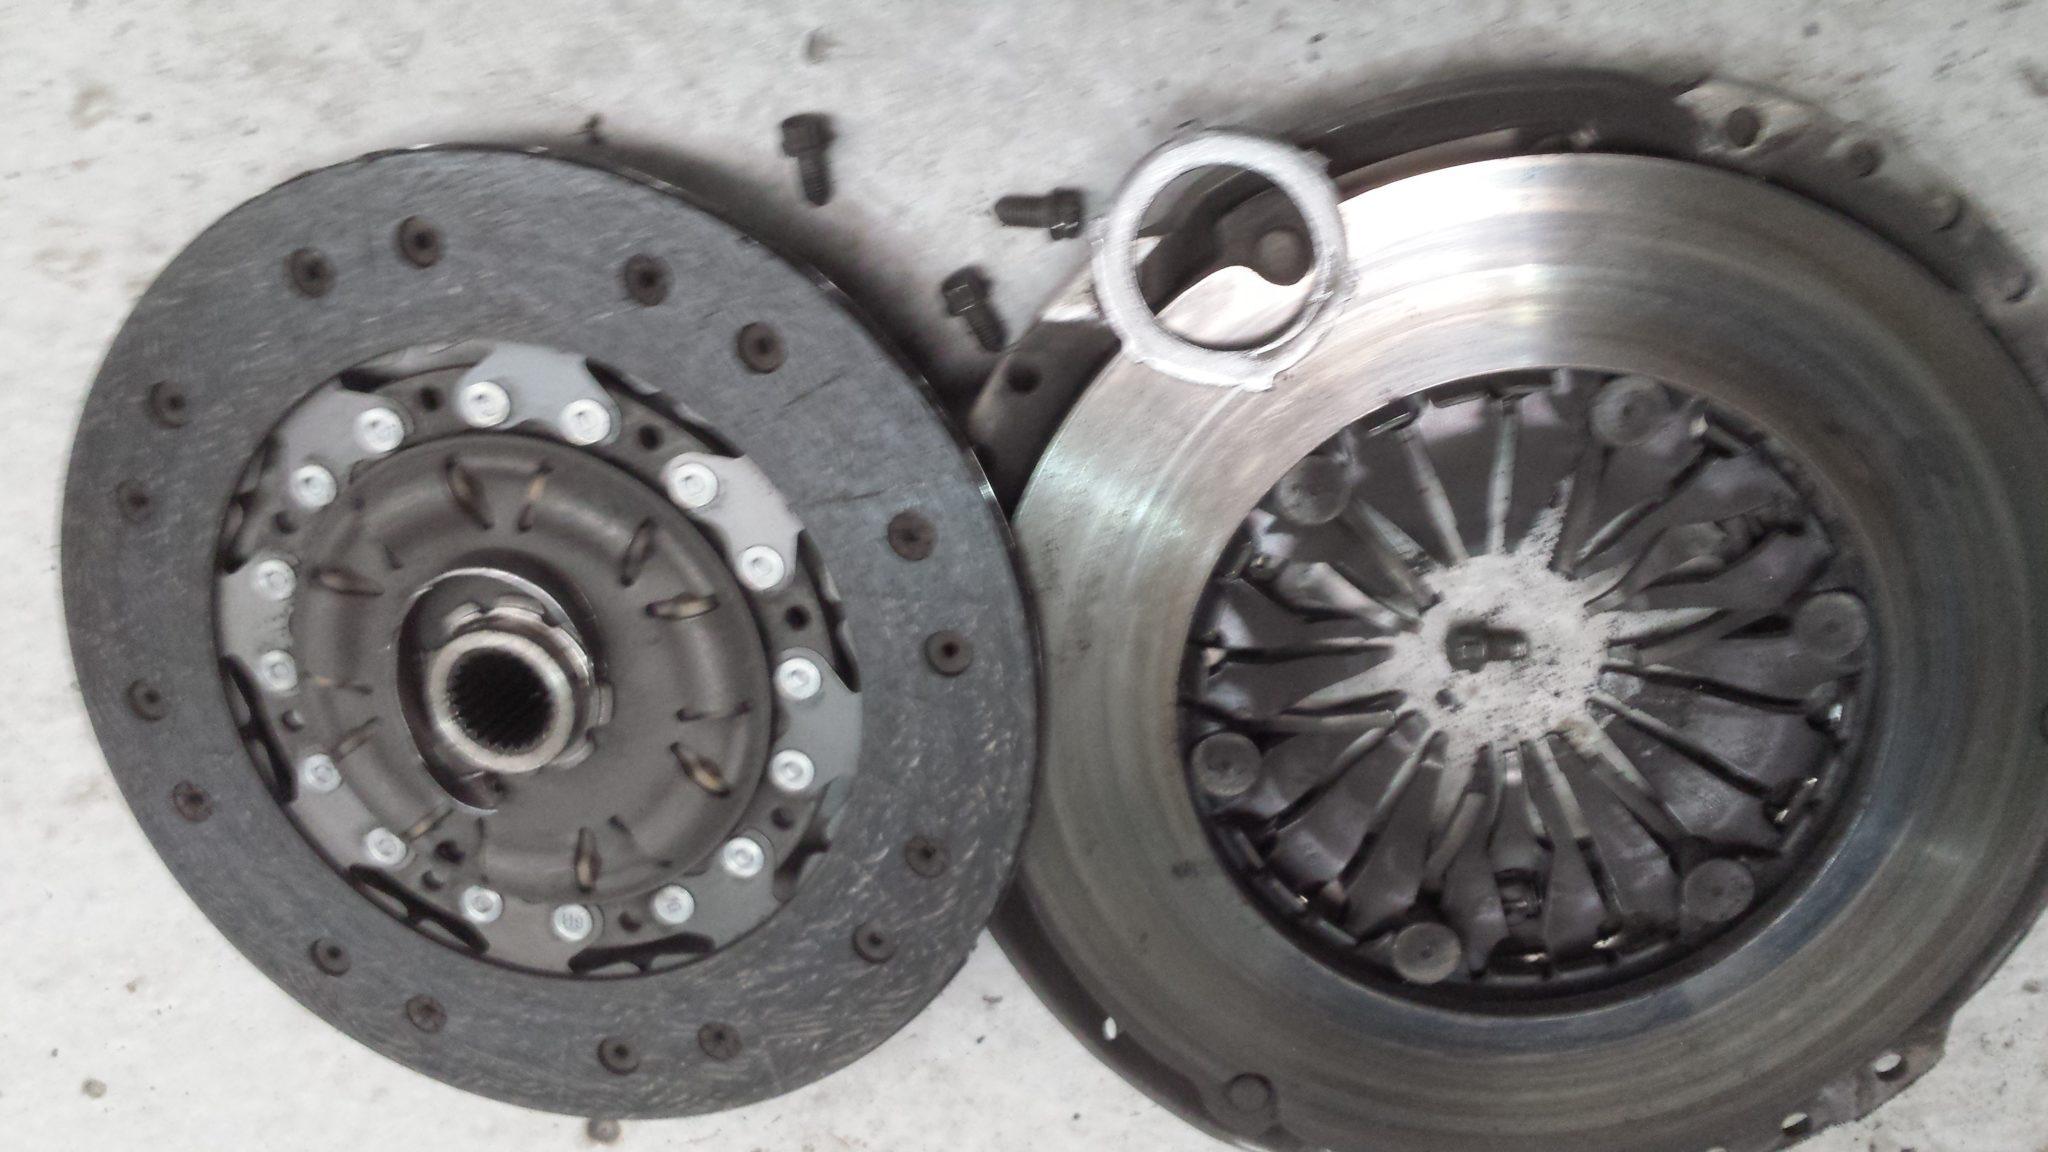 2.0 TDI Audi A3 Clutch noise? - Audi | BMW | Mercedes | Seat | Skoda